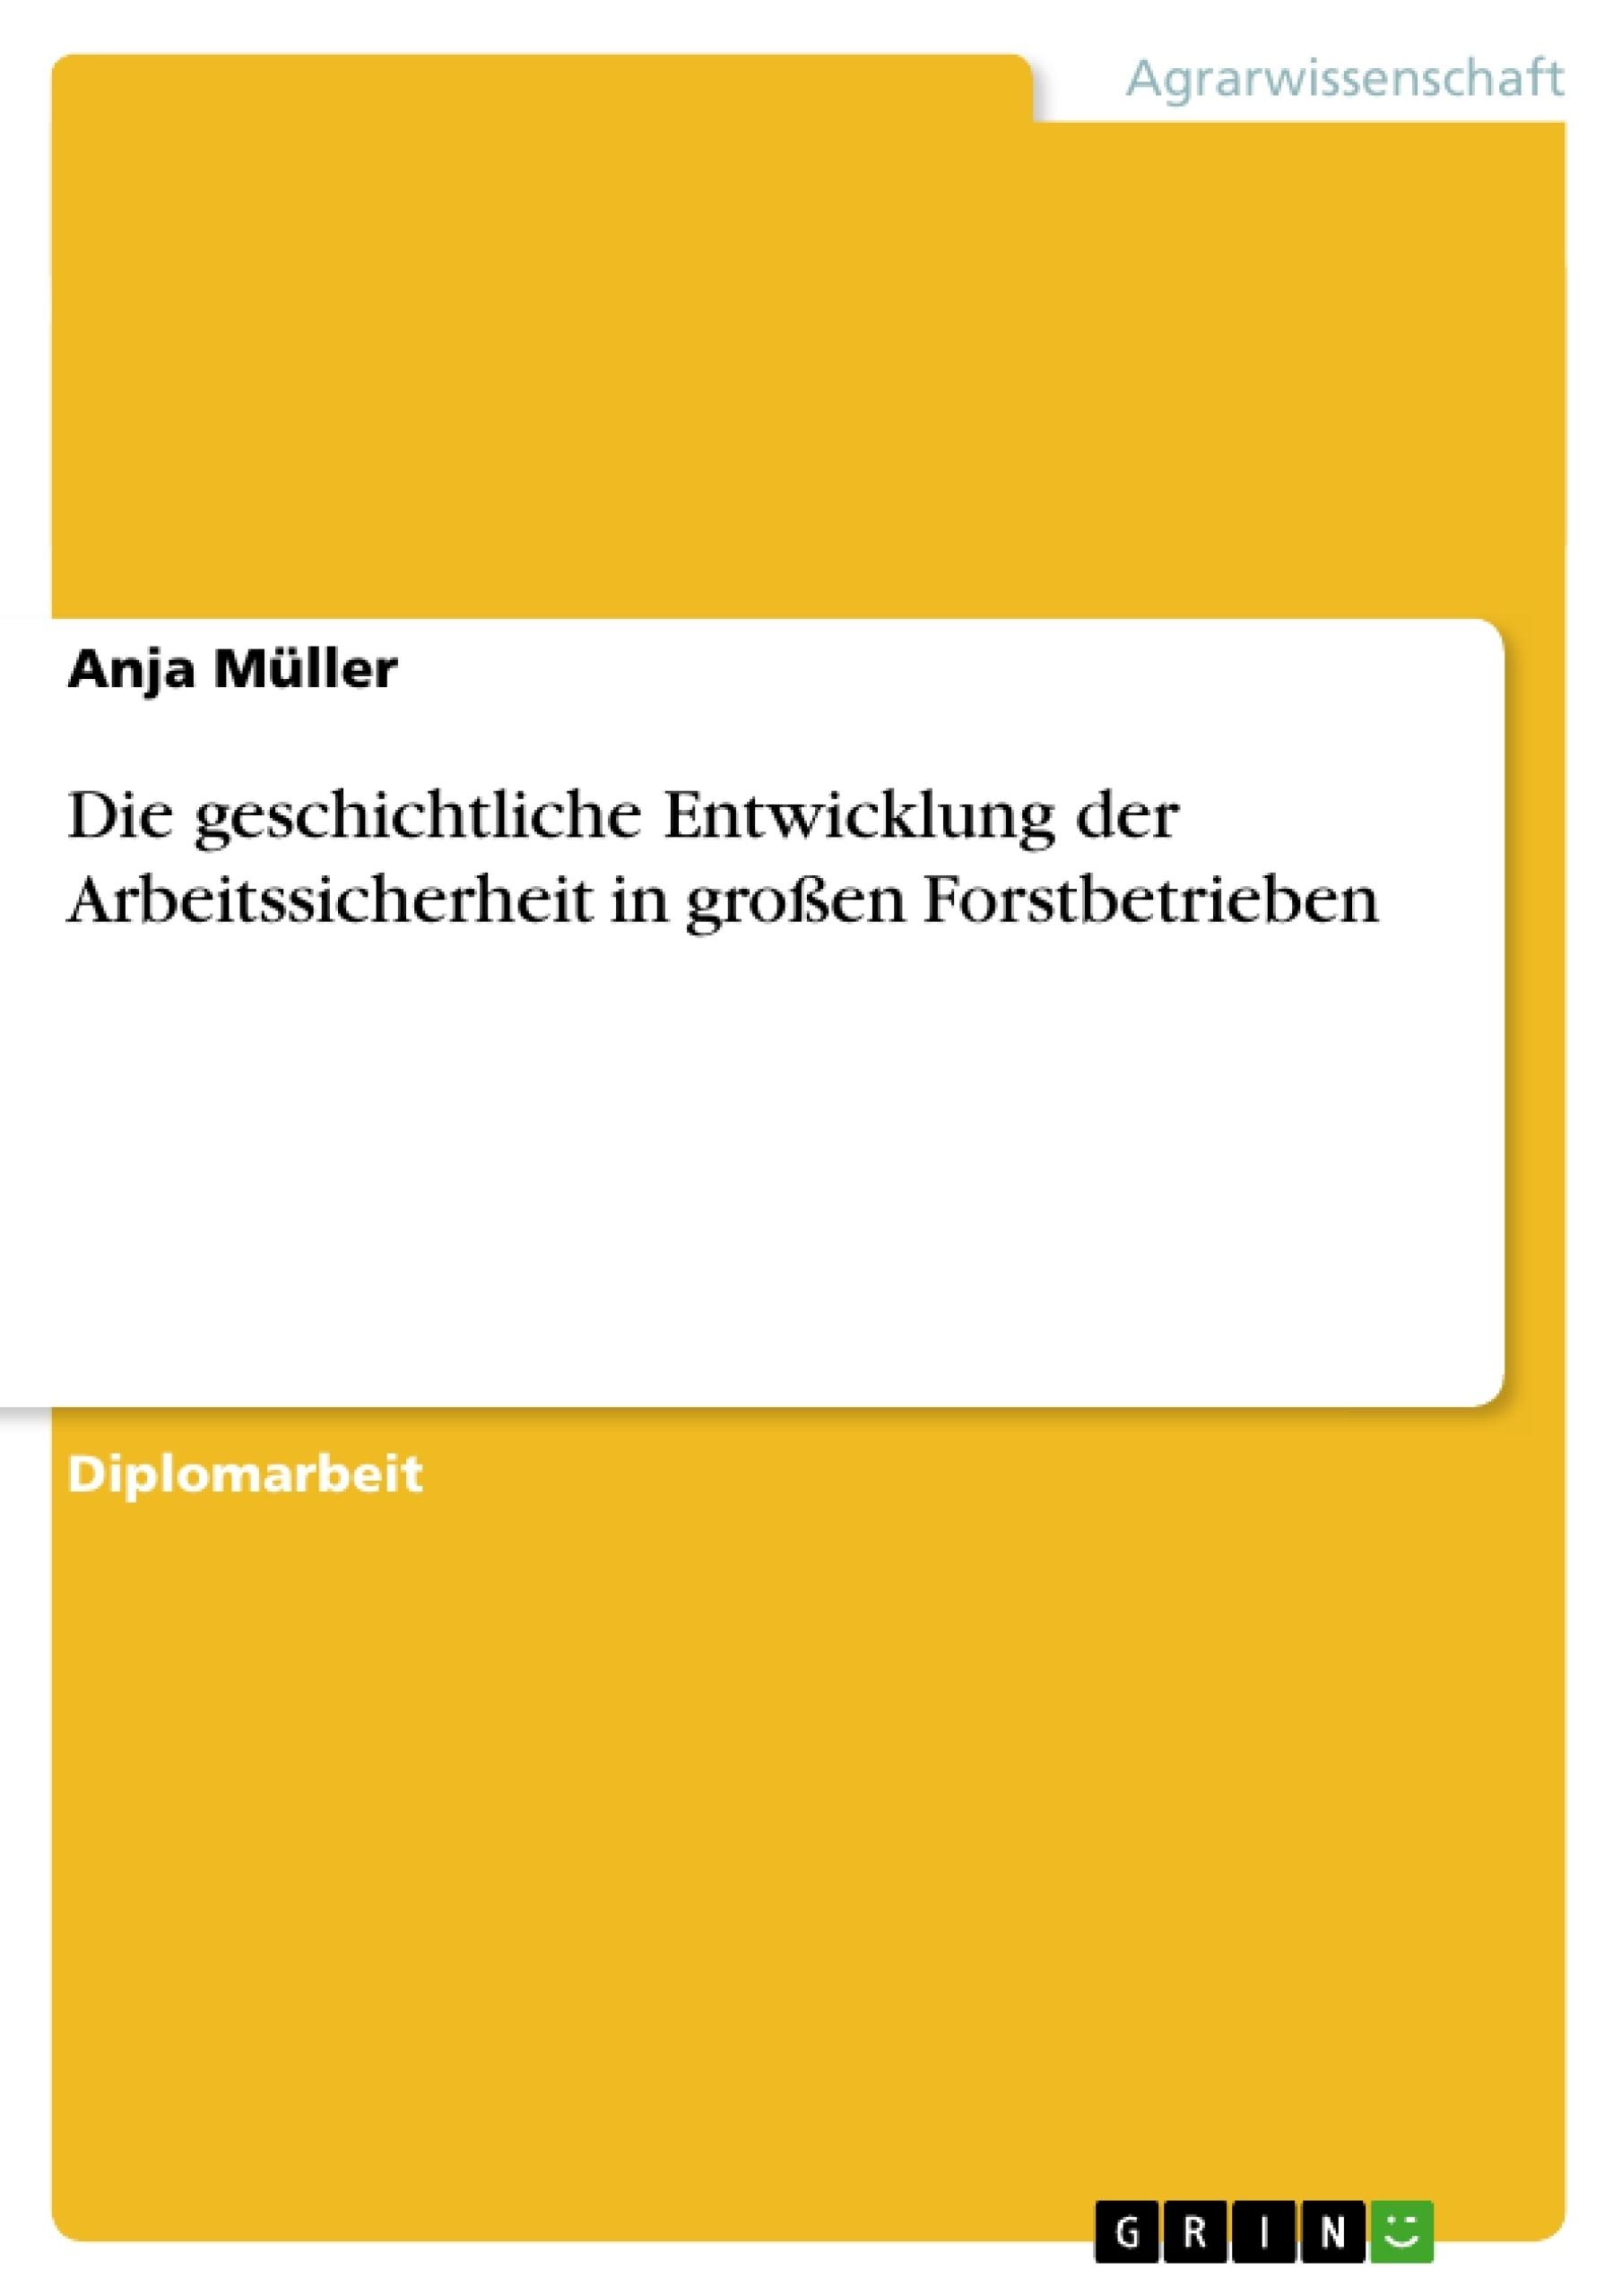 Titel: Die geschichtliche Entwicklung der Arbeitssicherheit in großen Forstbetrieben